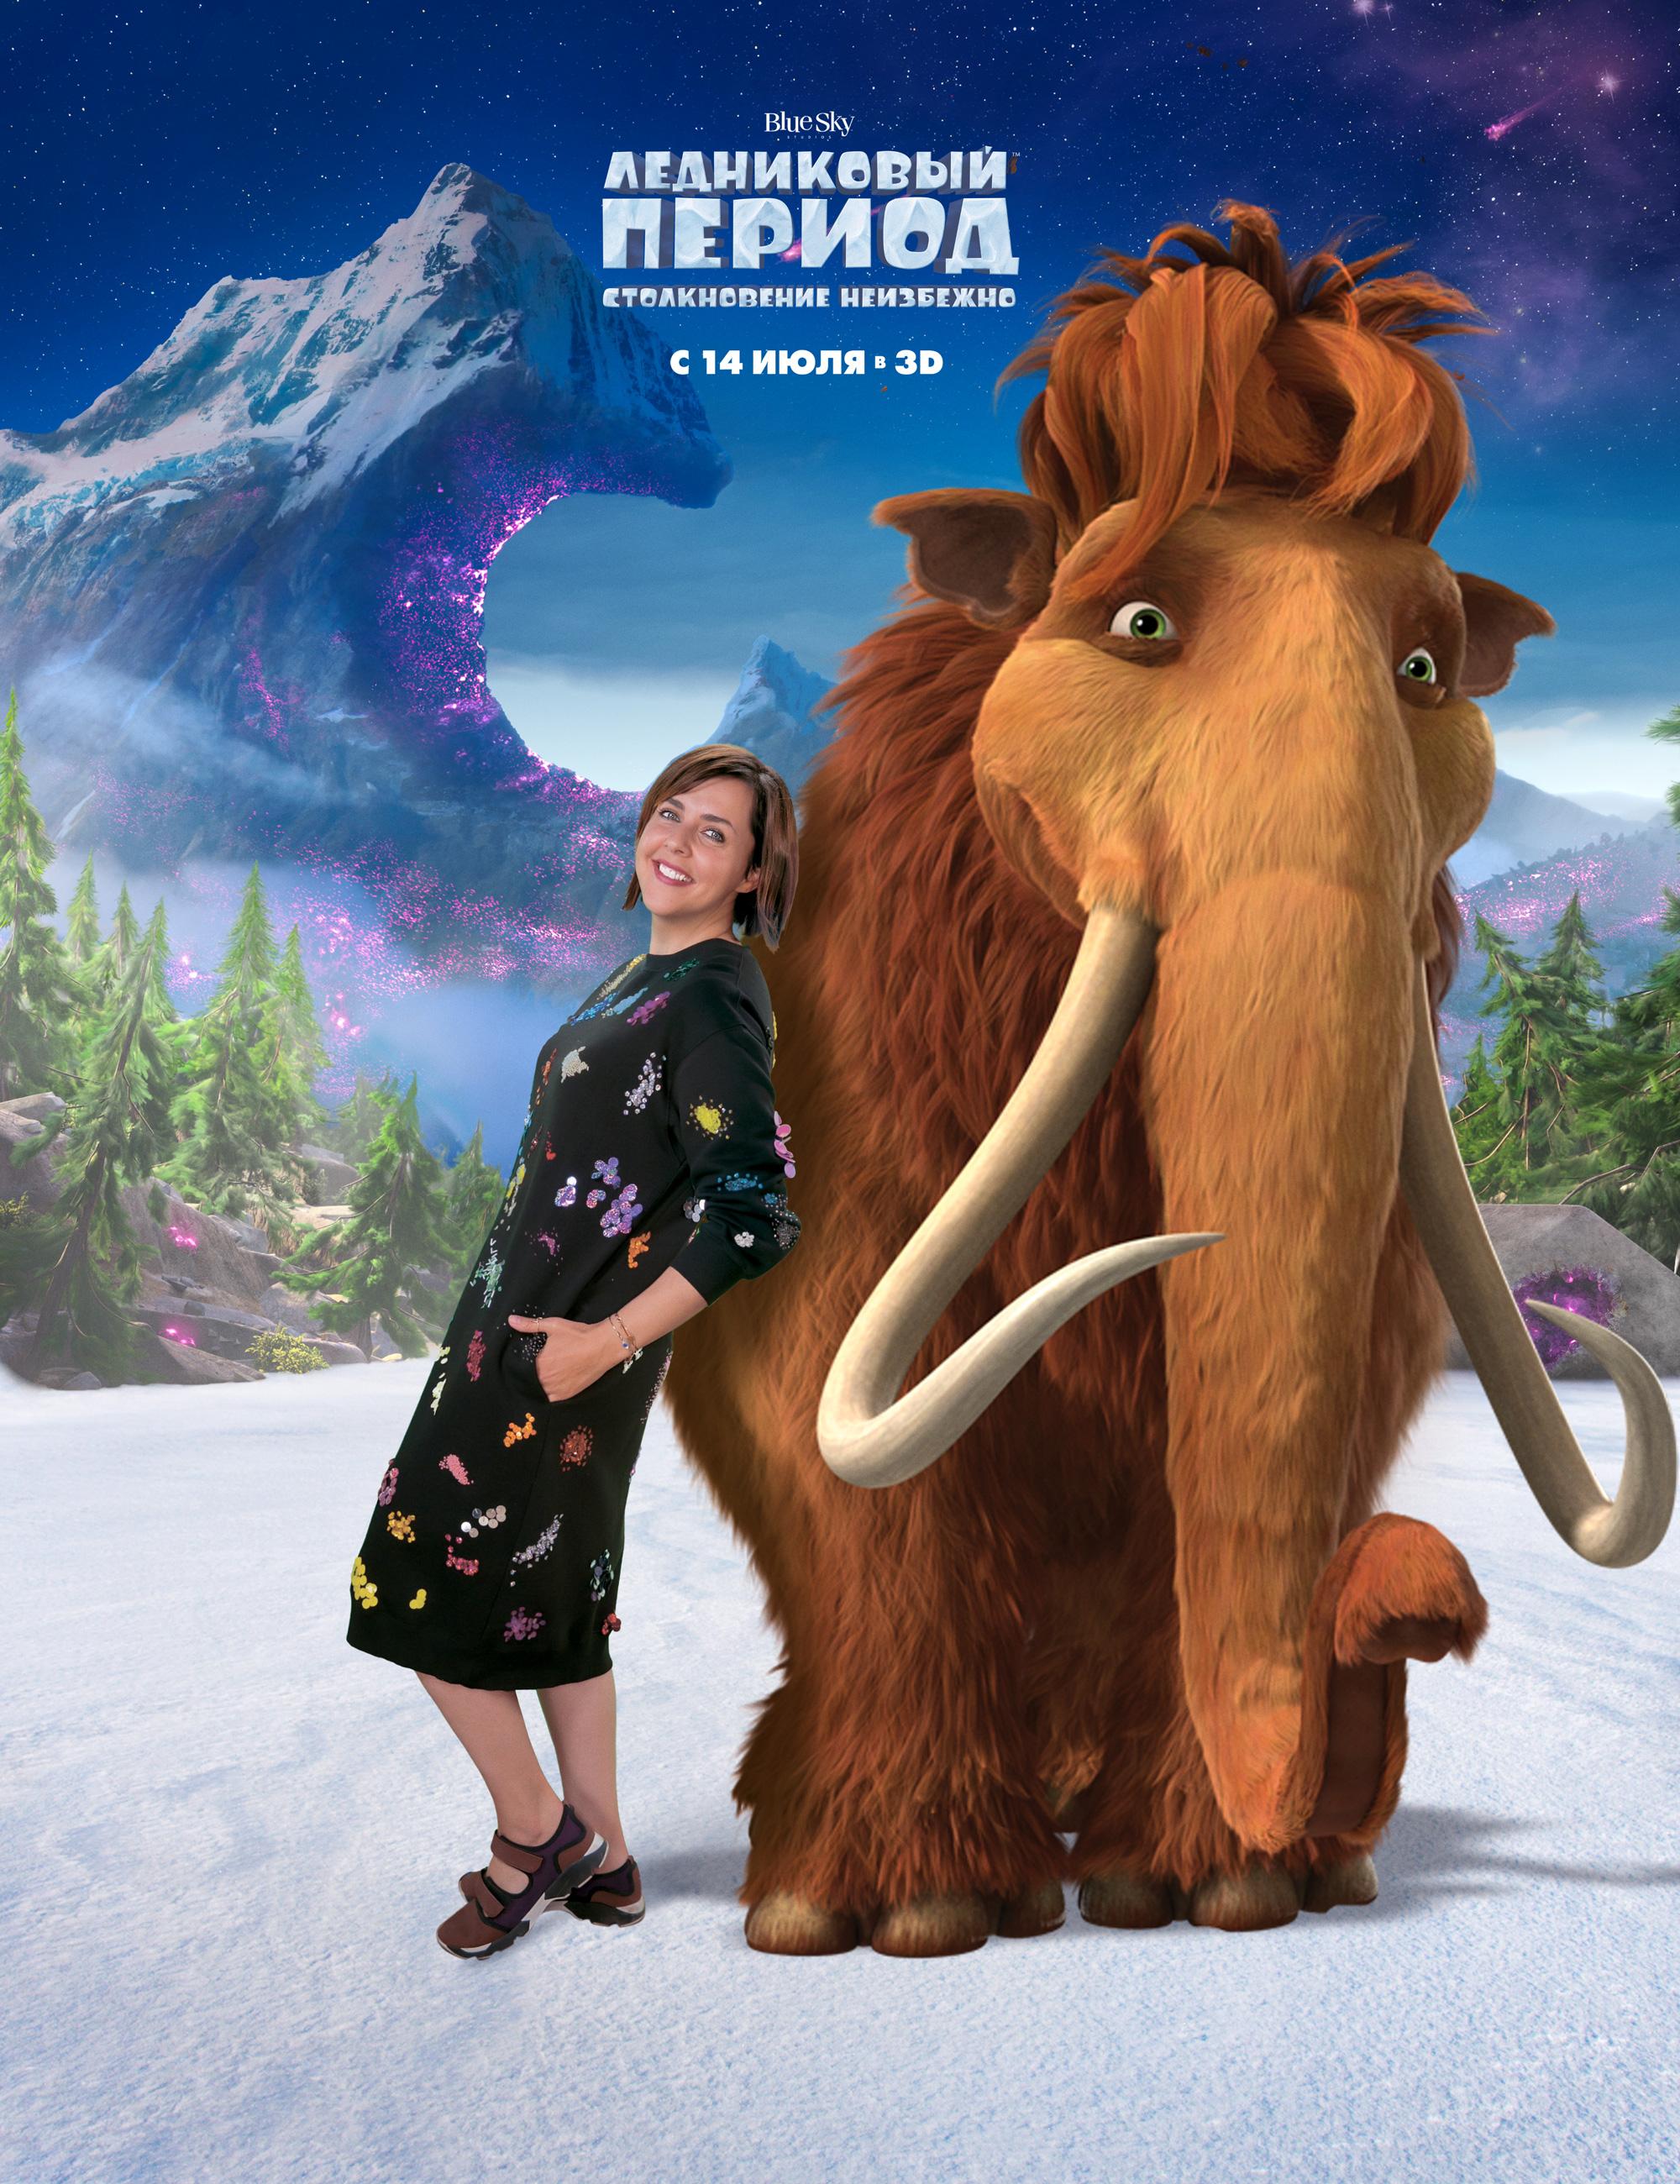 Кадры из фильма скачать фильмы через торрент ледниковый период 5